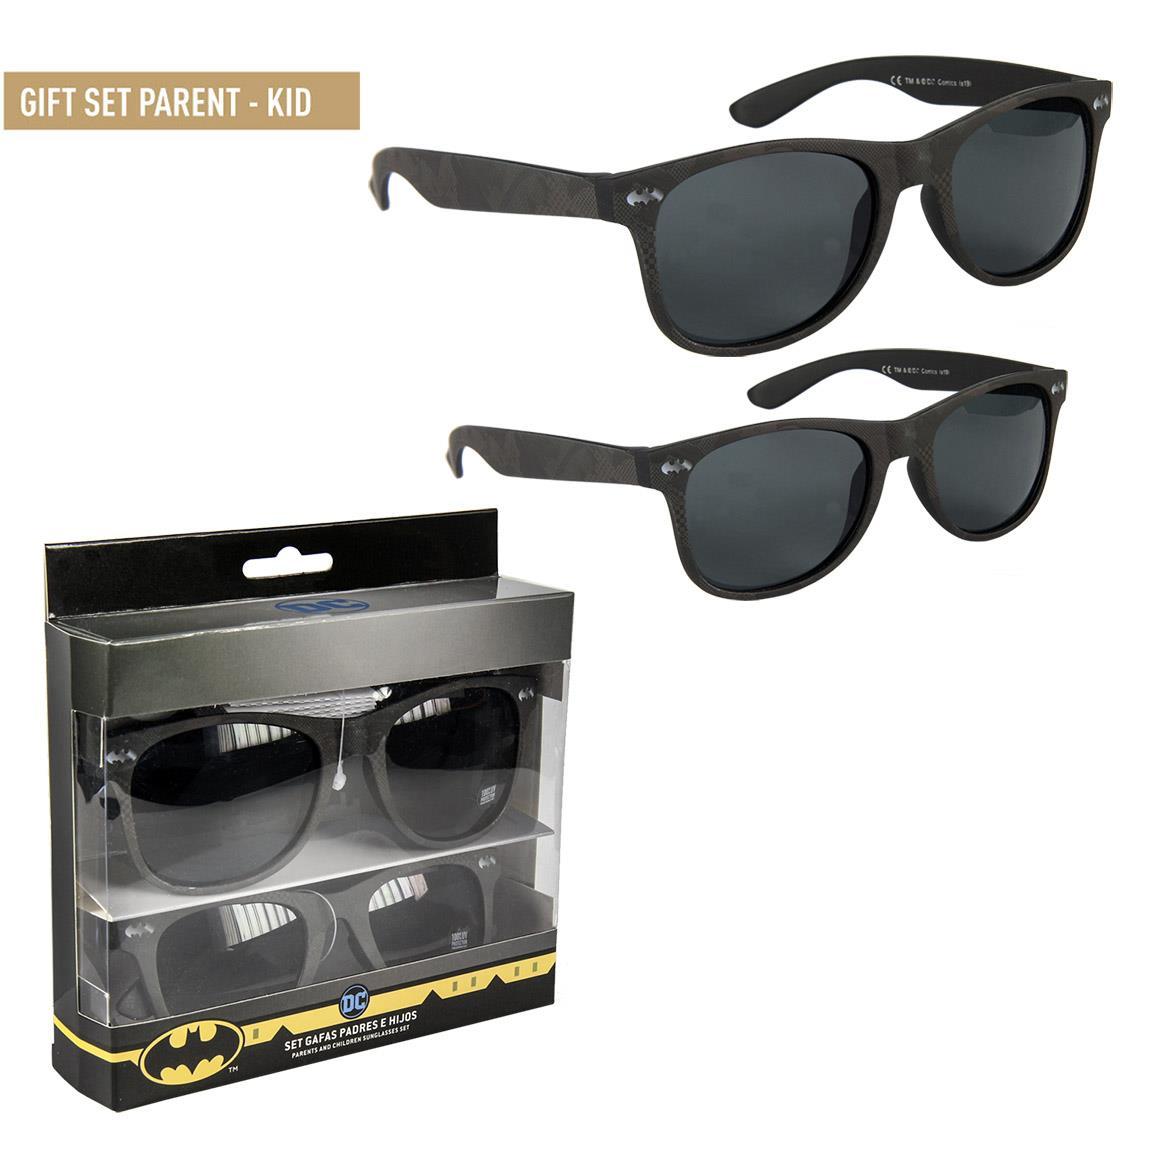 45d5d36a82f Manufacturer and wholesaler of SUNGLASSES BOX SET BATMAN - CERDÁ